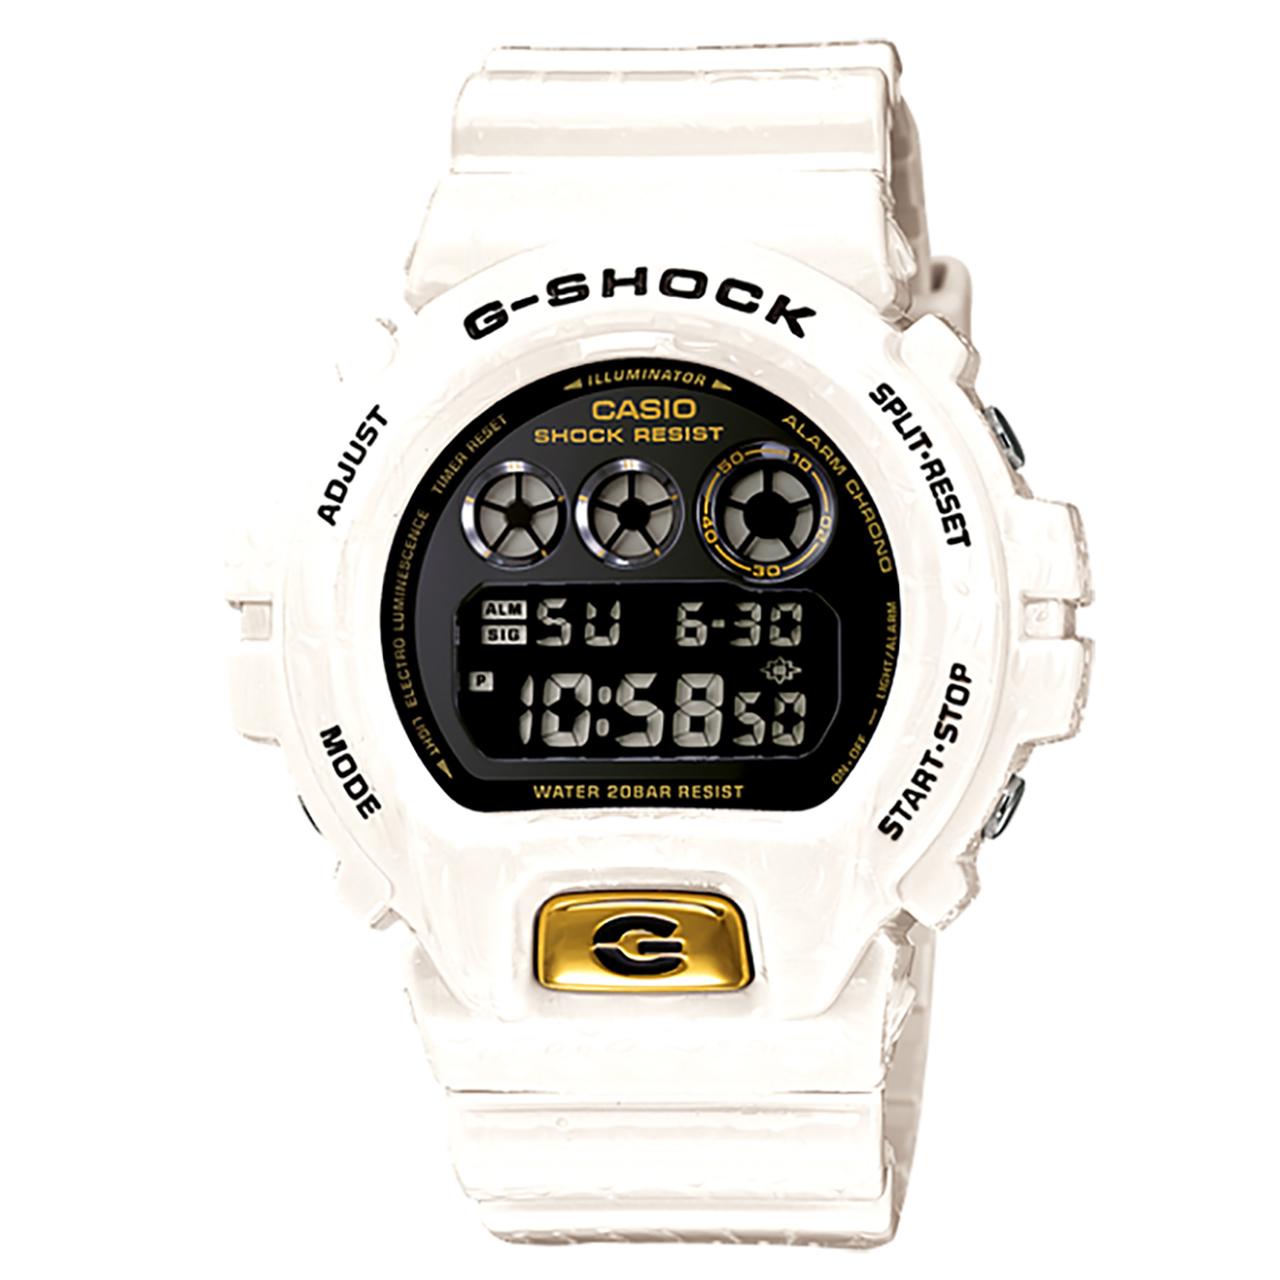 ساعت مچی دیجیتالی کاسیو جی شاک مدل DW-6900CR-7ER 32